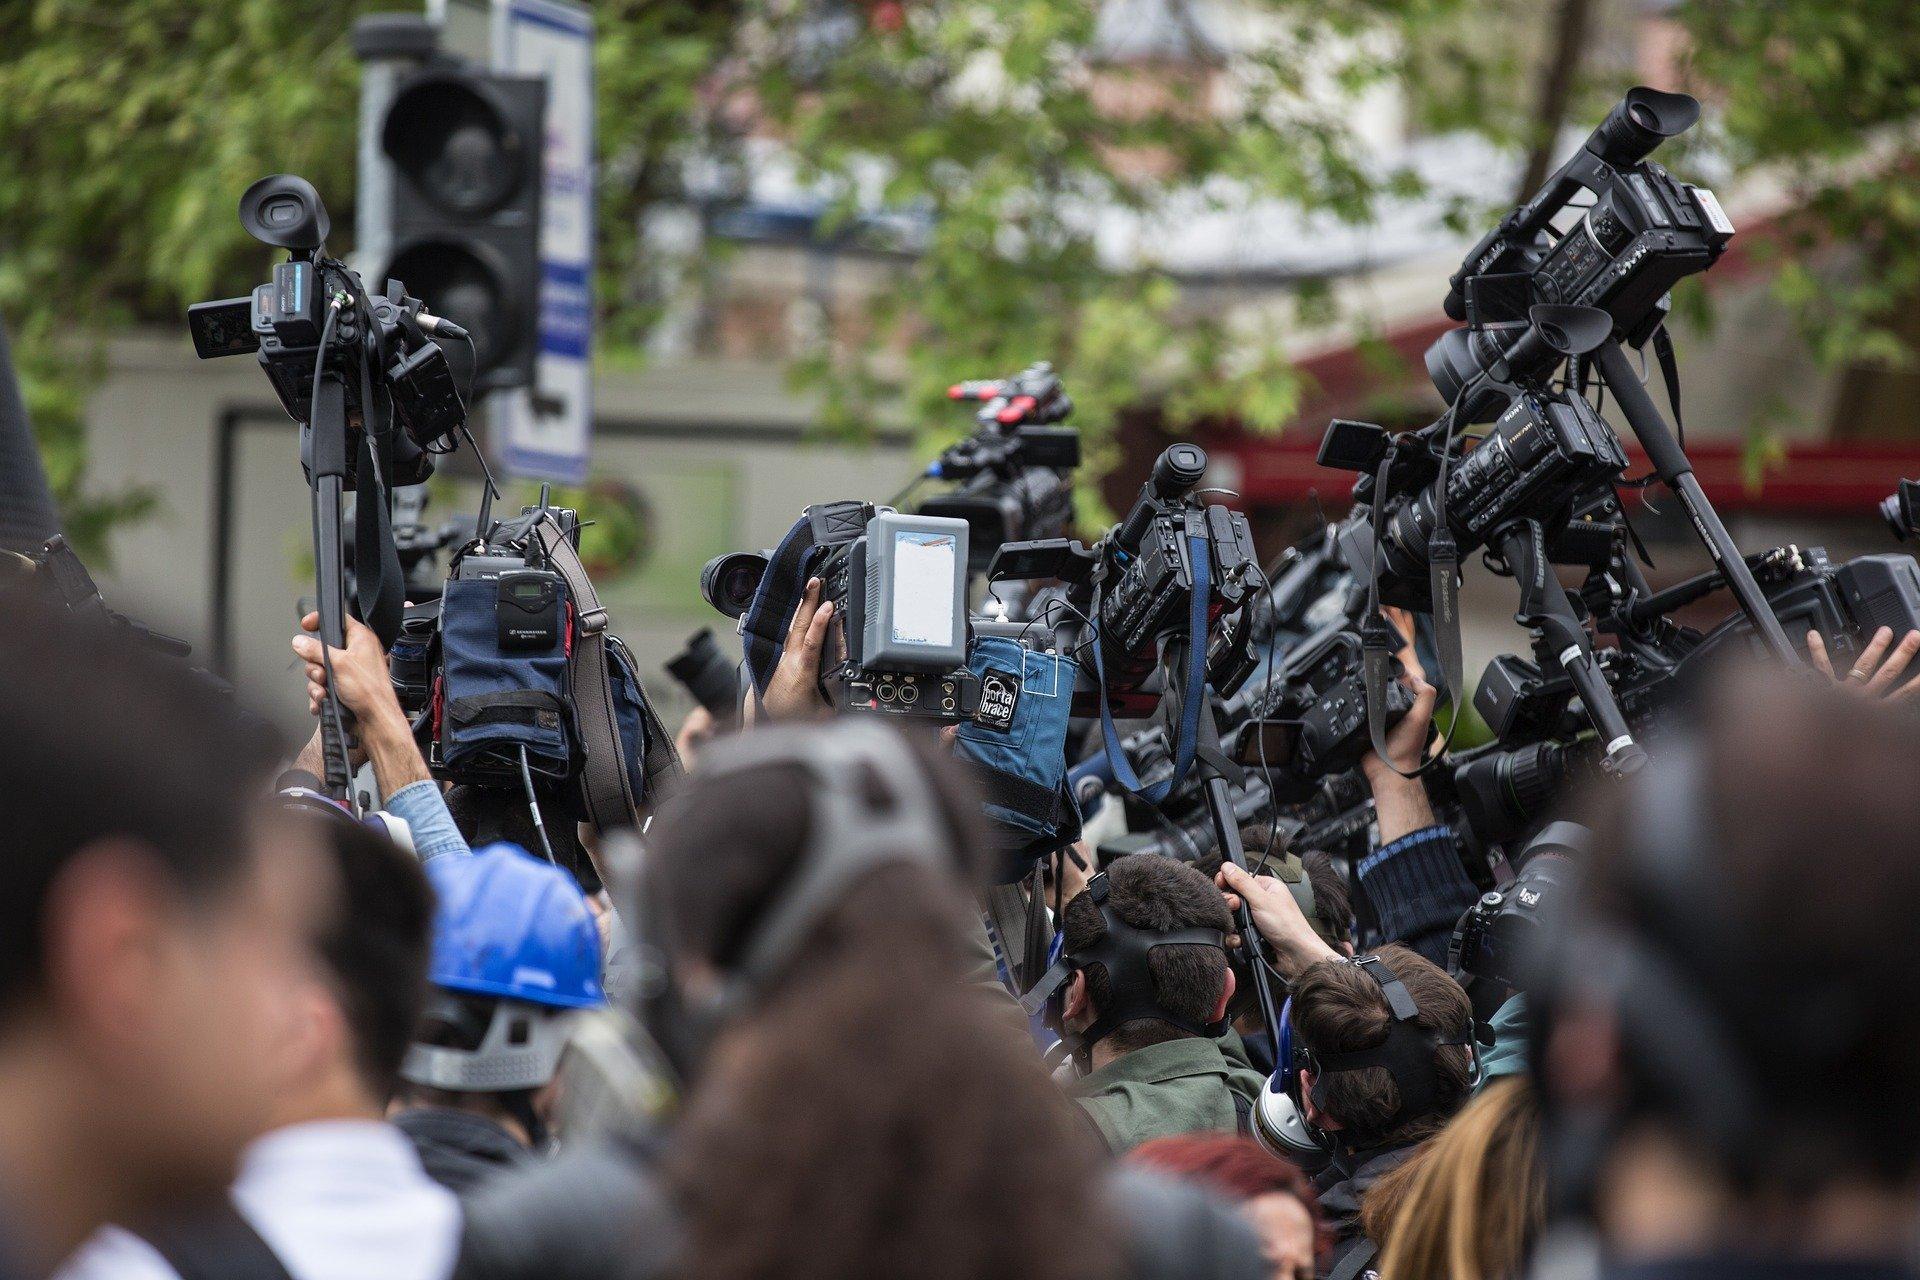 В Харькове коронавирус подтвердили у работницы телеканала. Все команда ушла на дистанционку